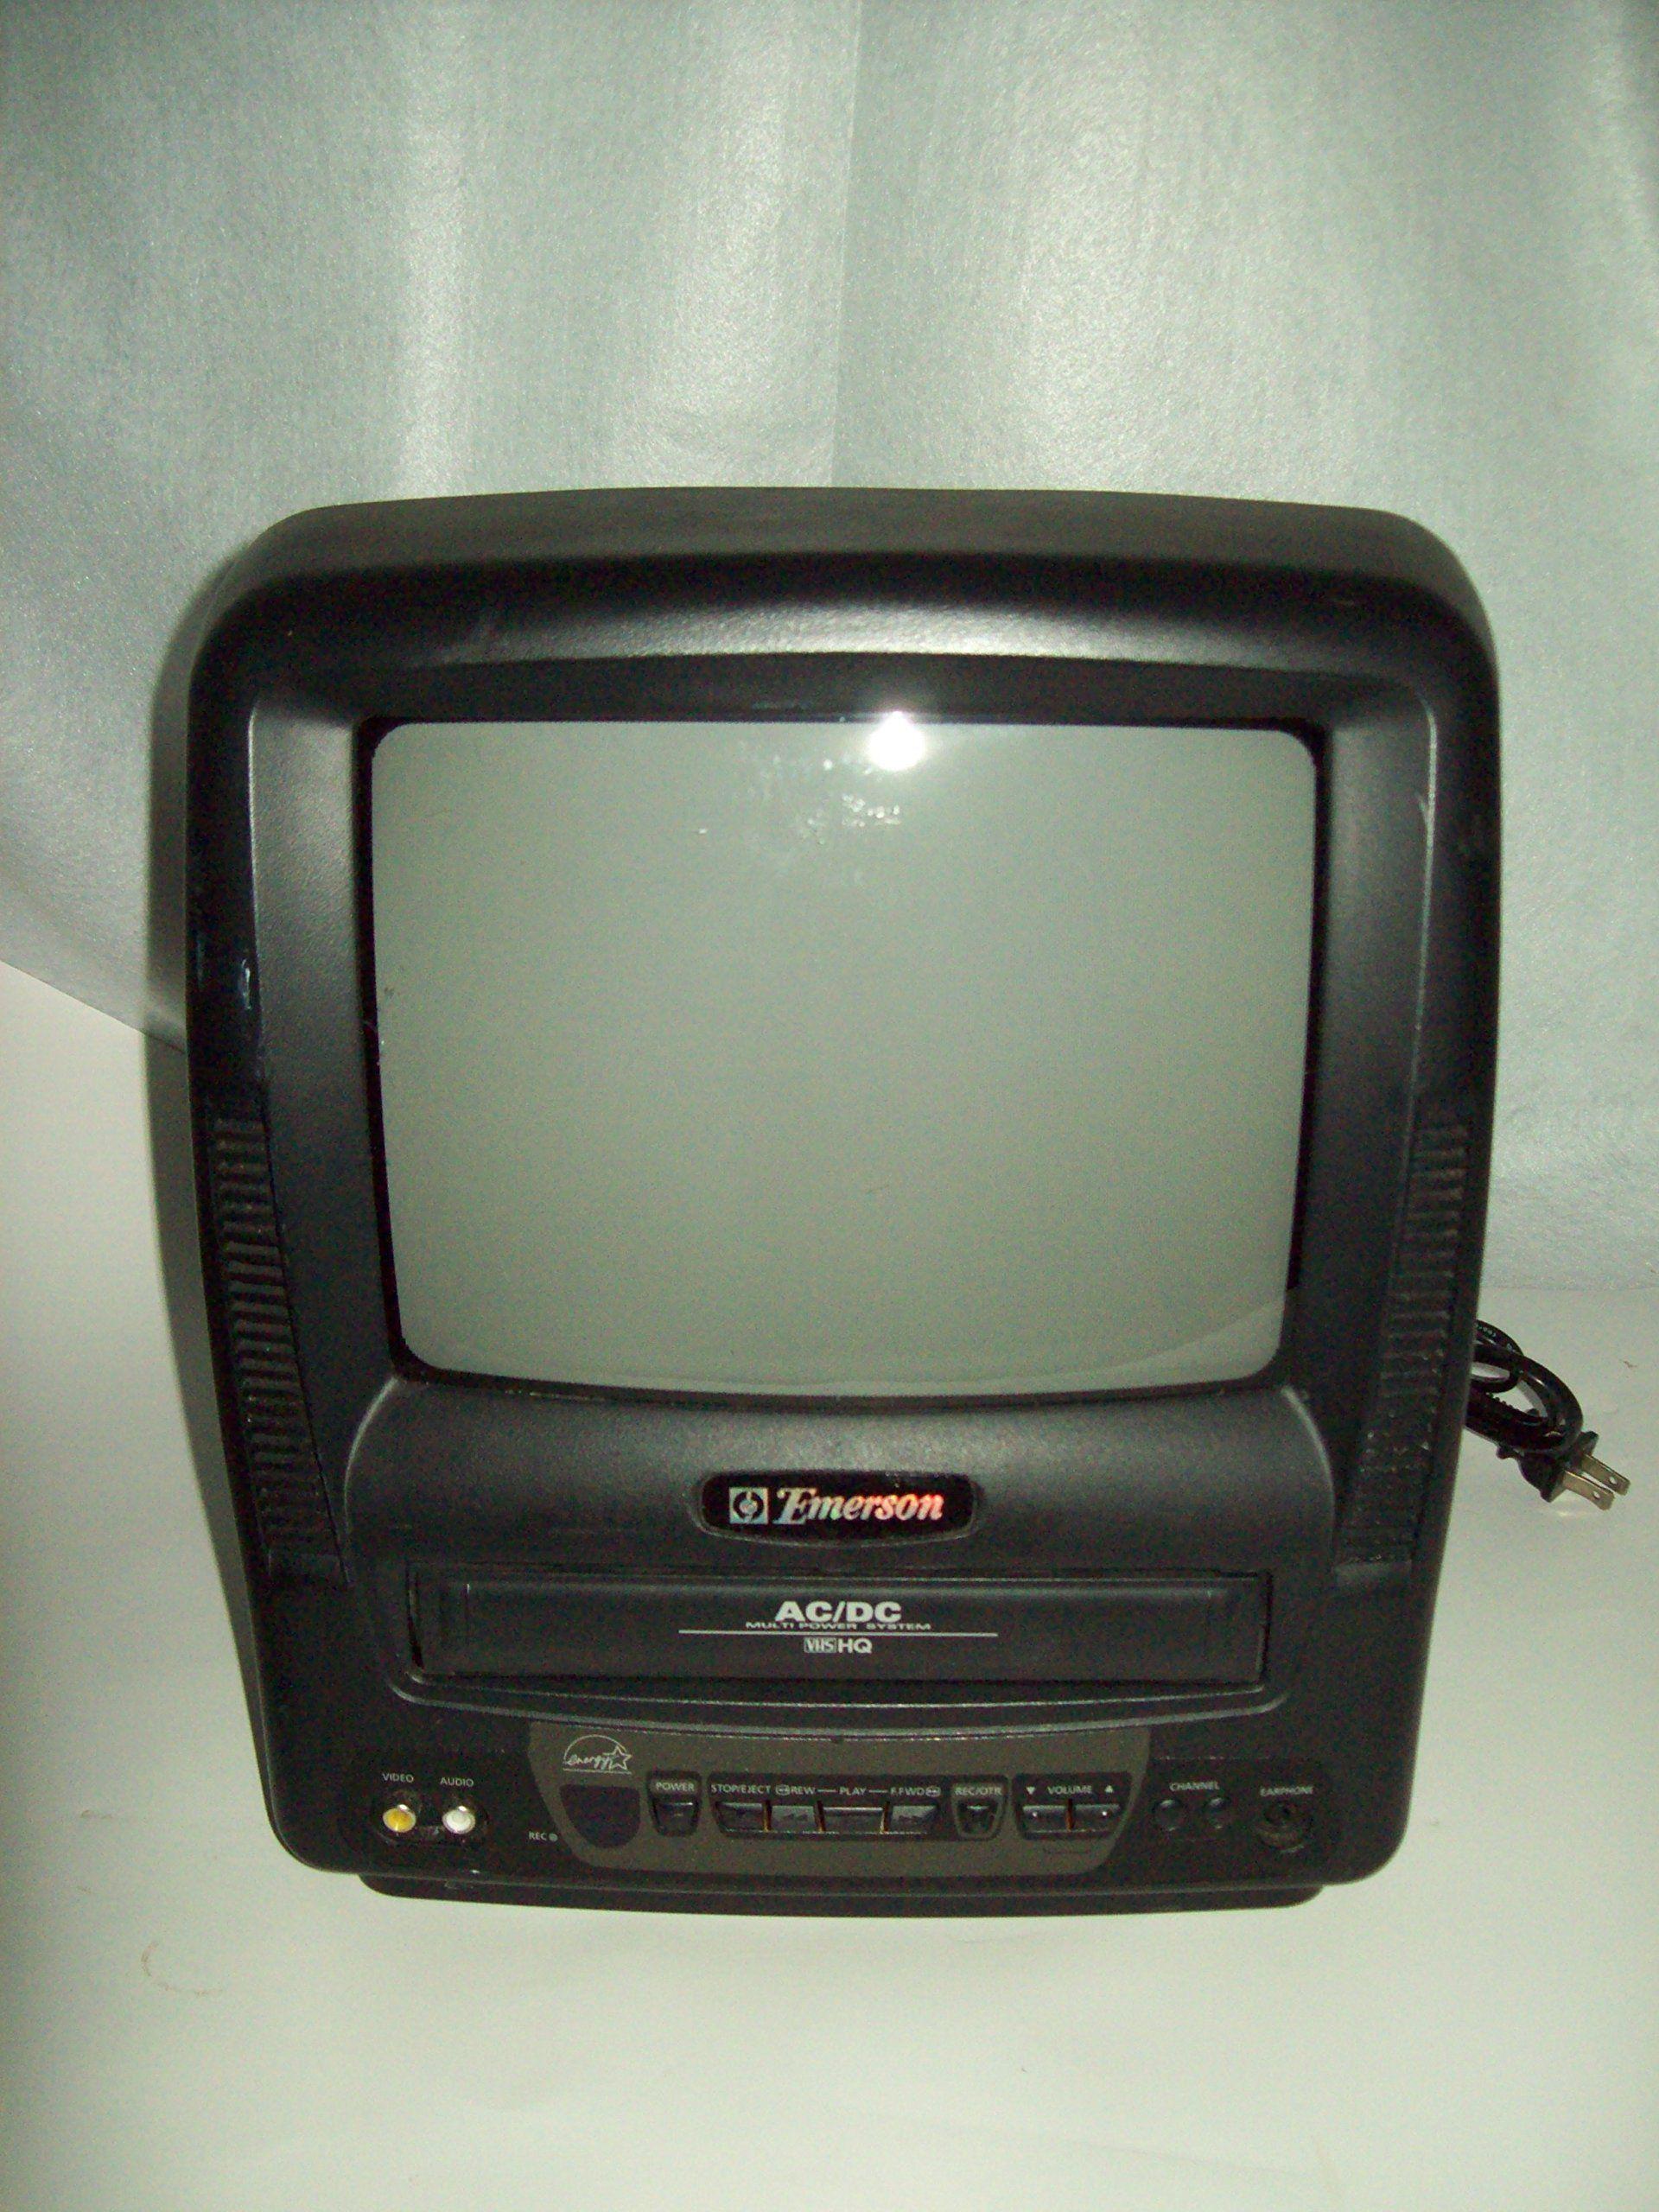 Emerson EWC0903 TV VCR Combo 9 Inch AC / DC Compatible (13